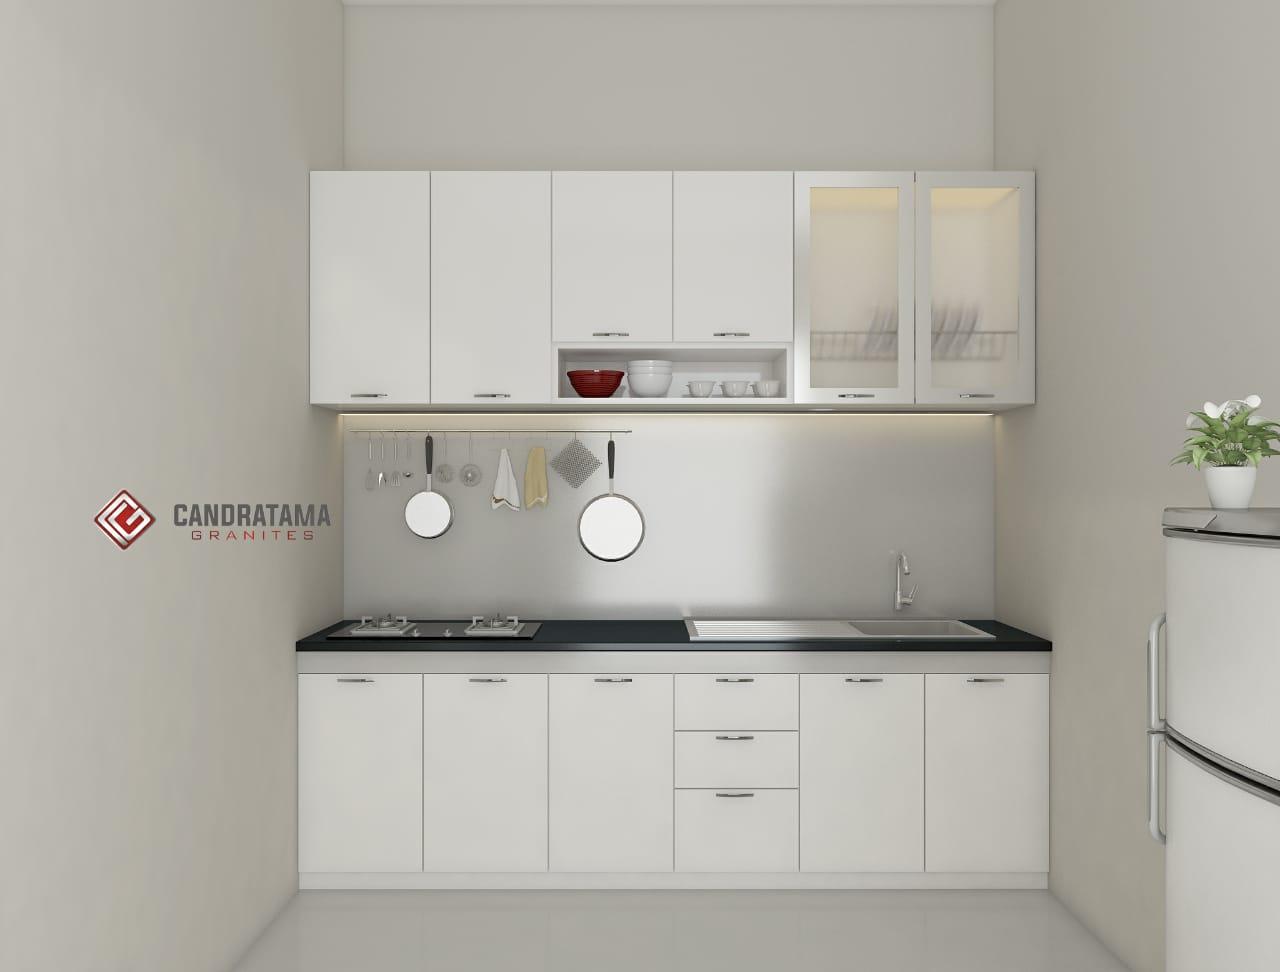 Gambar Kitchen Set Minimalis 2018 Interior Trenggalek 081252474309